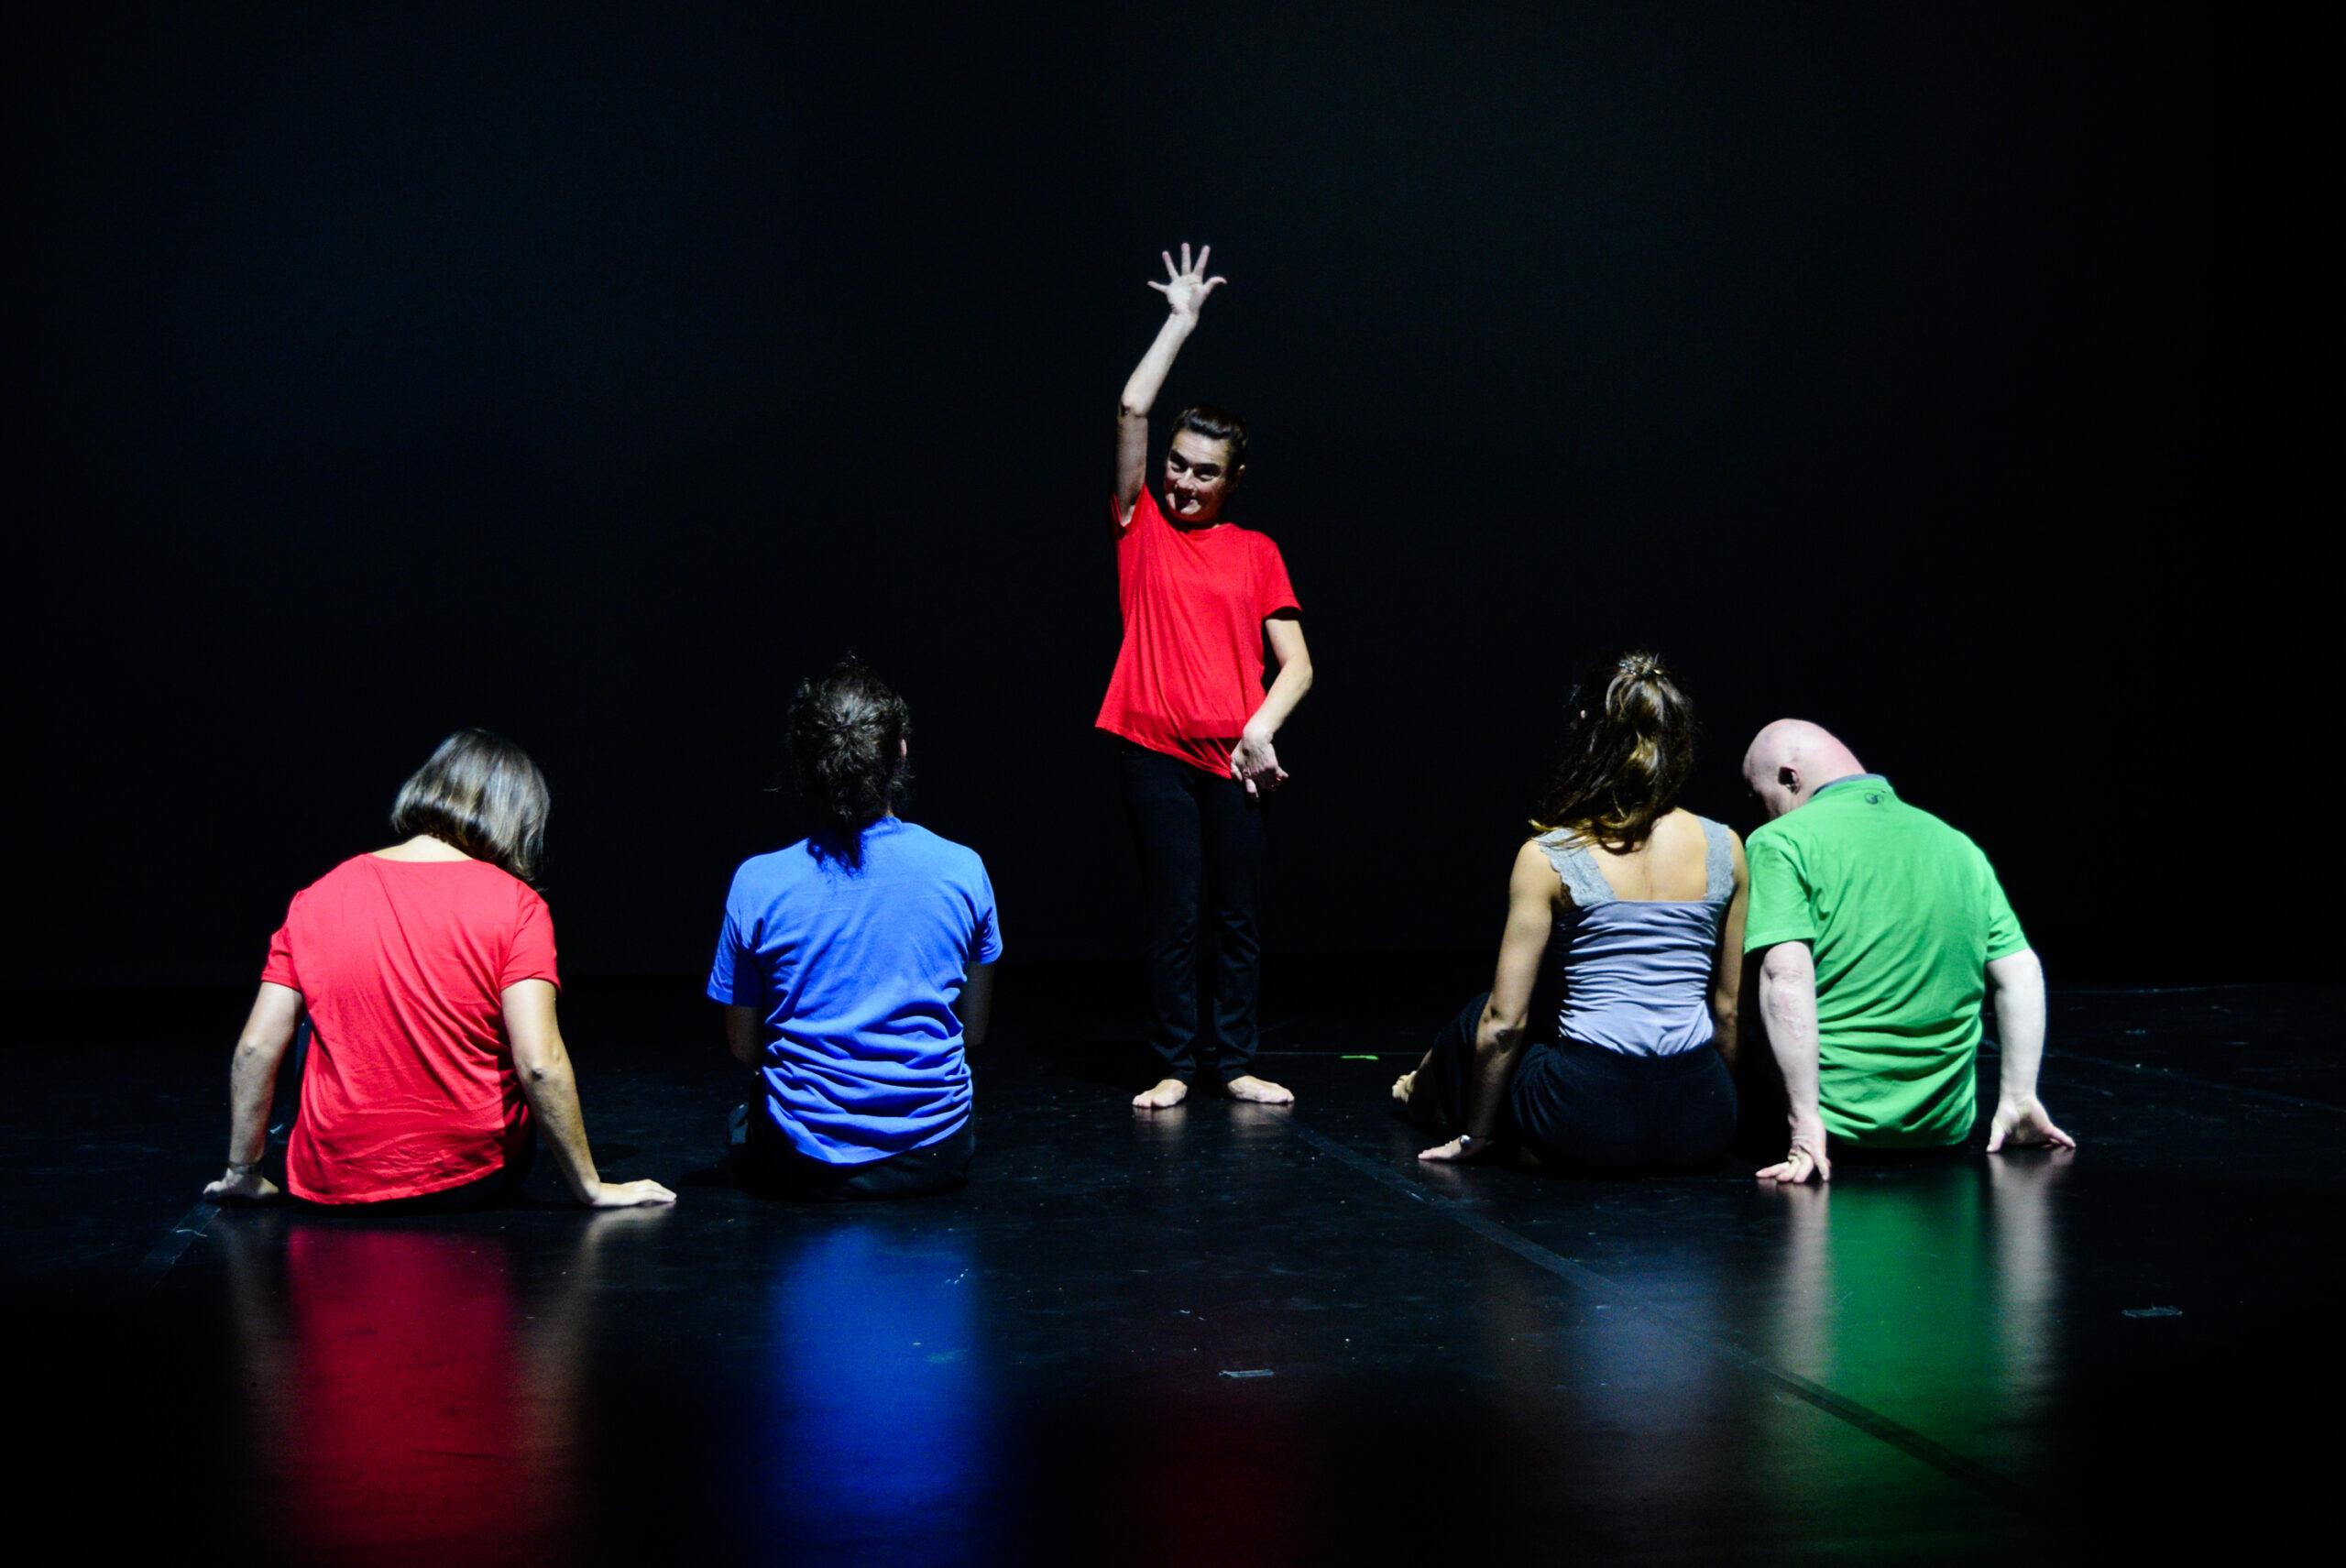 Τέσσερις χορευτές τρεις κοπέλες και ένας άνδρας είναι καθισμένοι δύο δύο στο γυαλιστερό πάτωμα της σκηνής με την πλάτη προς το κοινό. Μία χορεύτρια κοιτάζοντας όρθια το κοινό έχει το ένα χέρι κάτω και το άλλο ψηλά με δάκτυλα ανοιχτά. Όλοι φοράνε σκούρα παντελόνια και διαφορετικά μονόχρωμα μπλουζάκια.